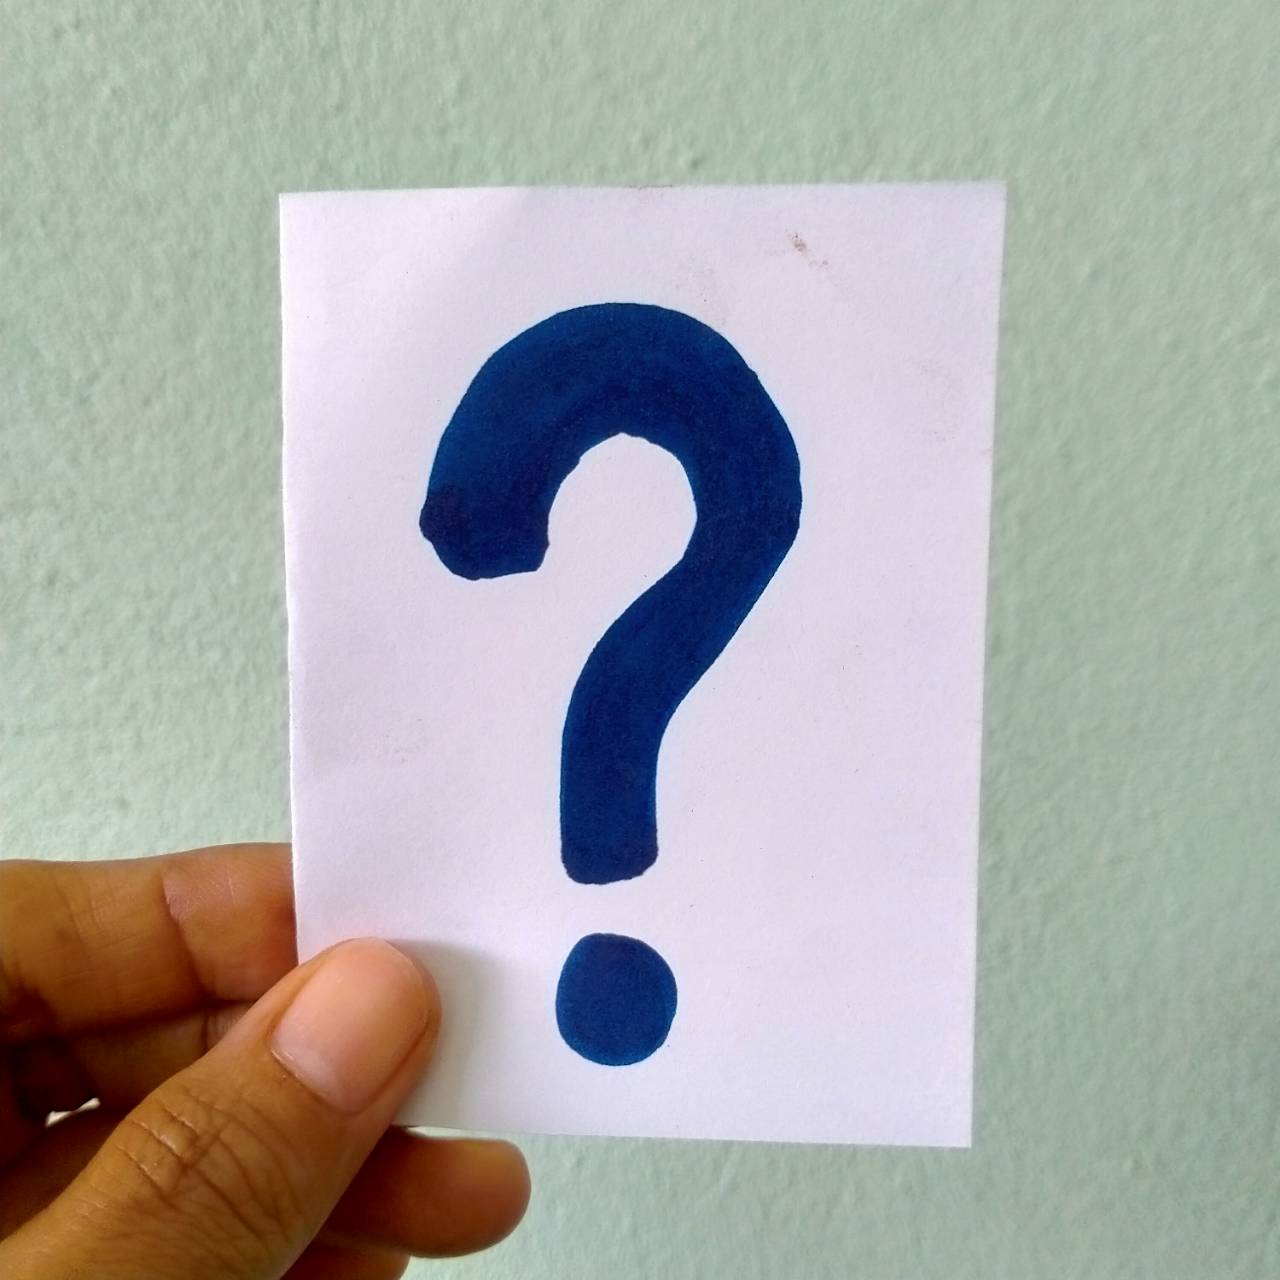 ตั้งคำถามเปลี่ยนชีวิตคุณทันที??